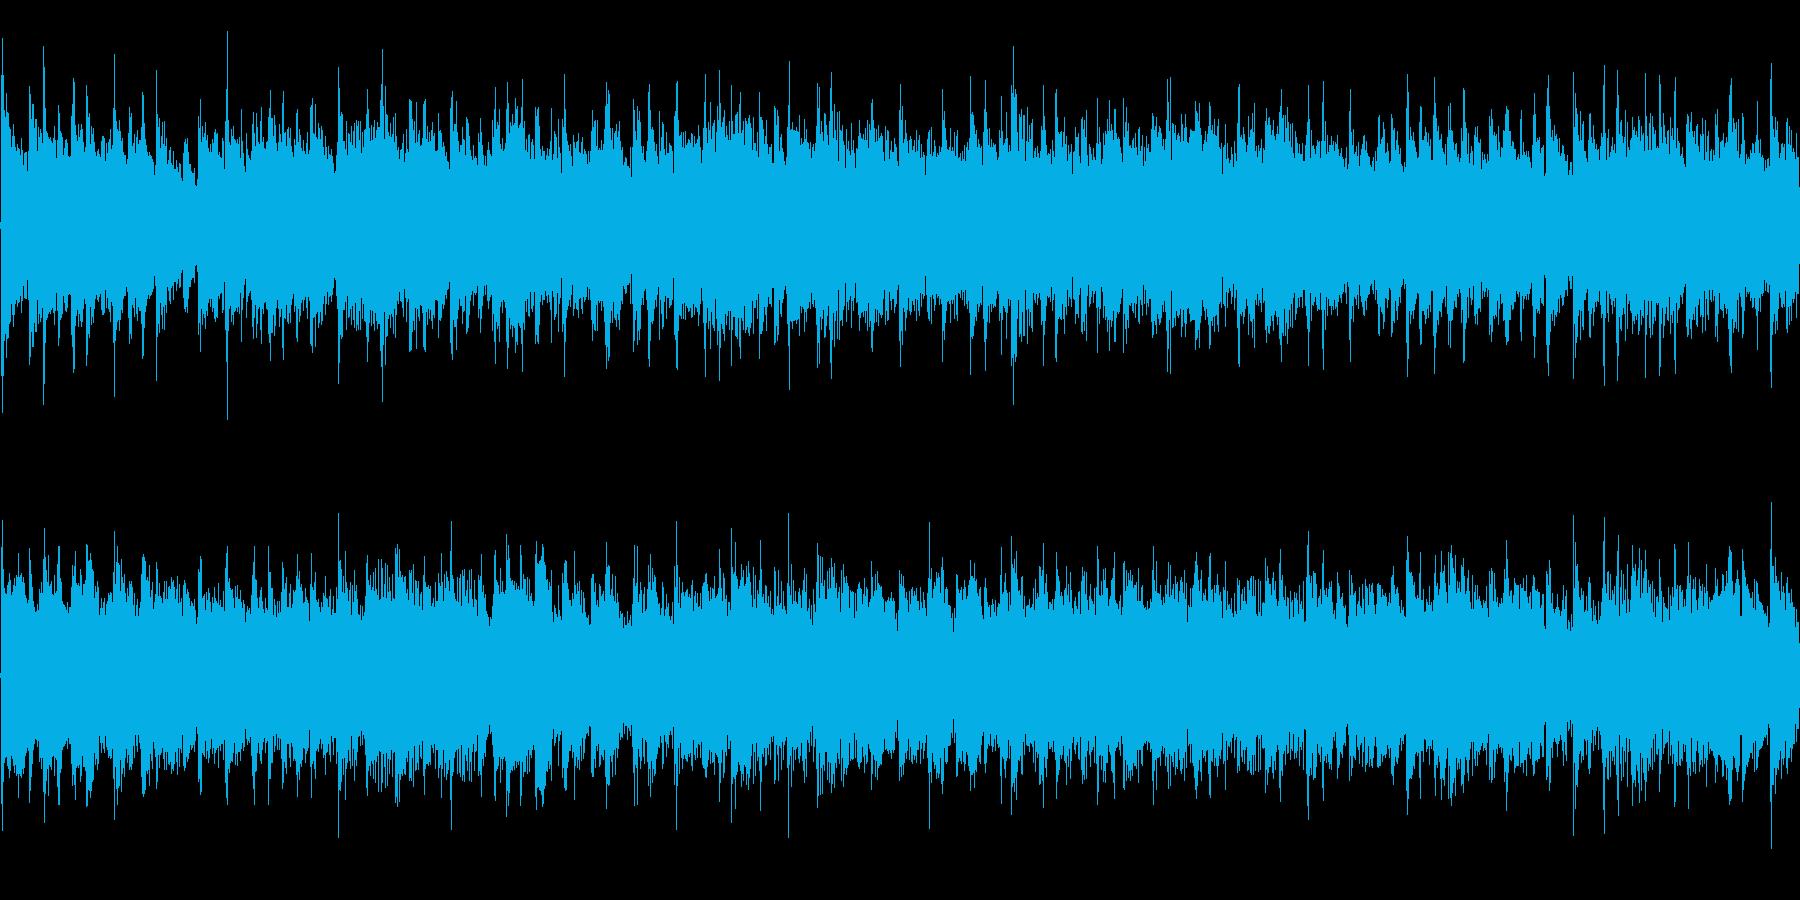 アコギによる明るく爽やかなBGMの再生済みの波形